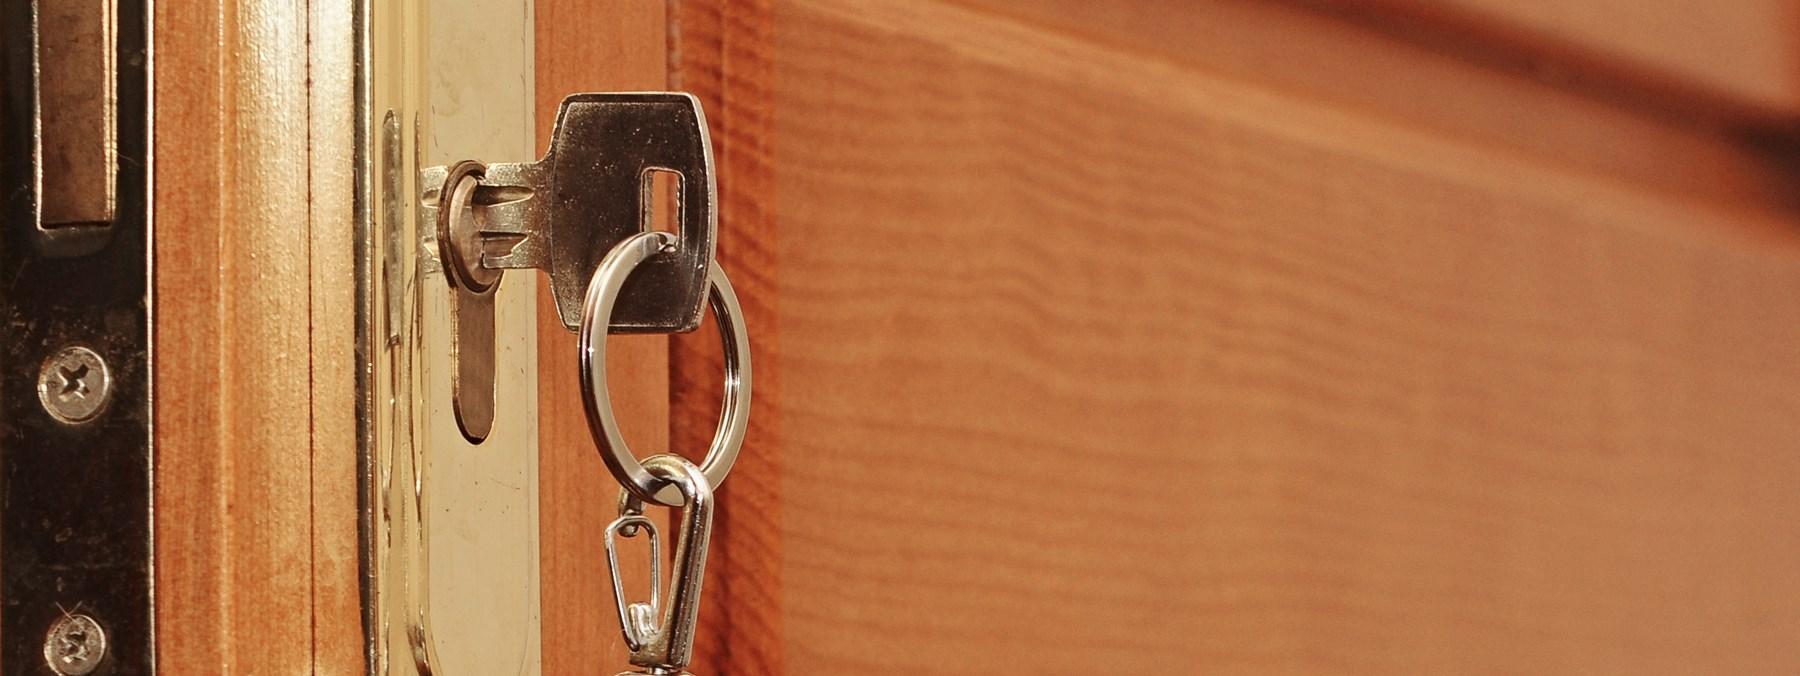 A door being locked